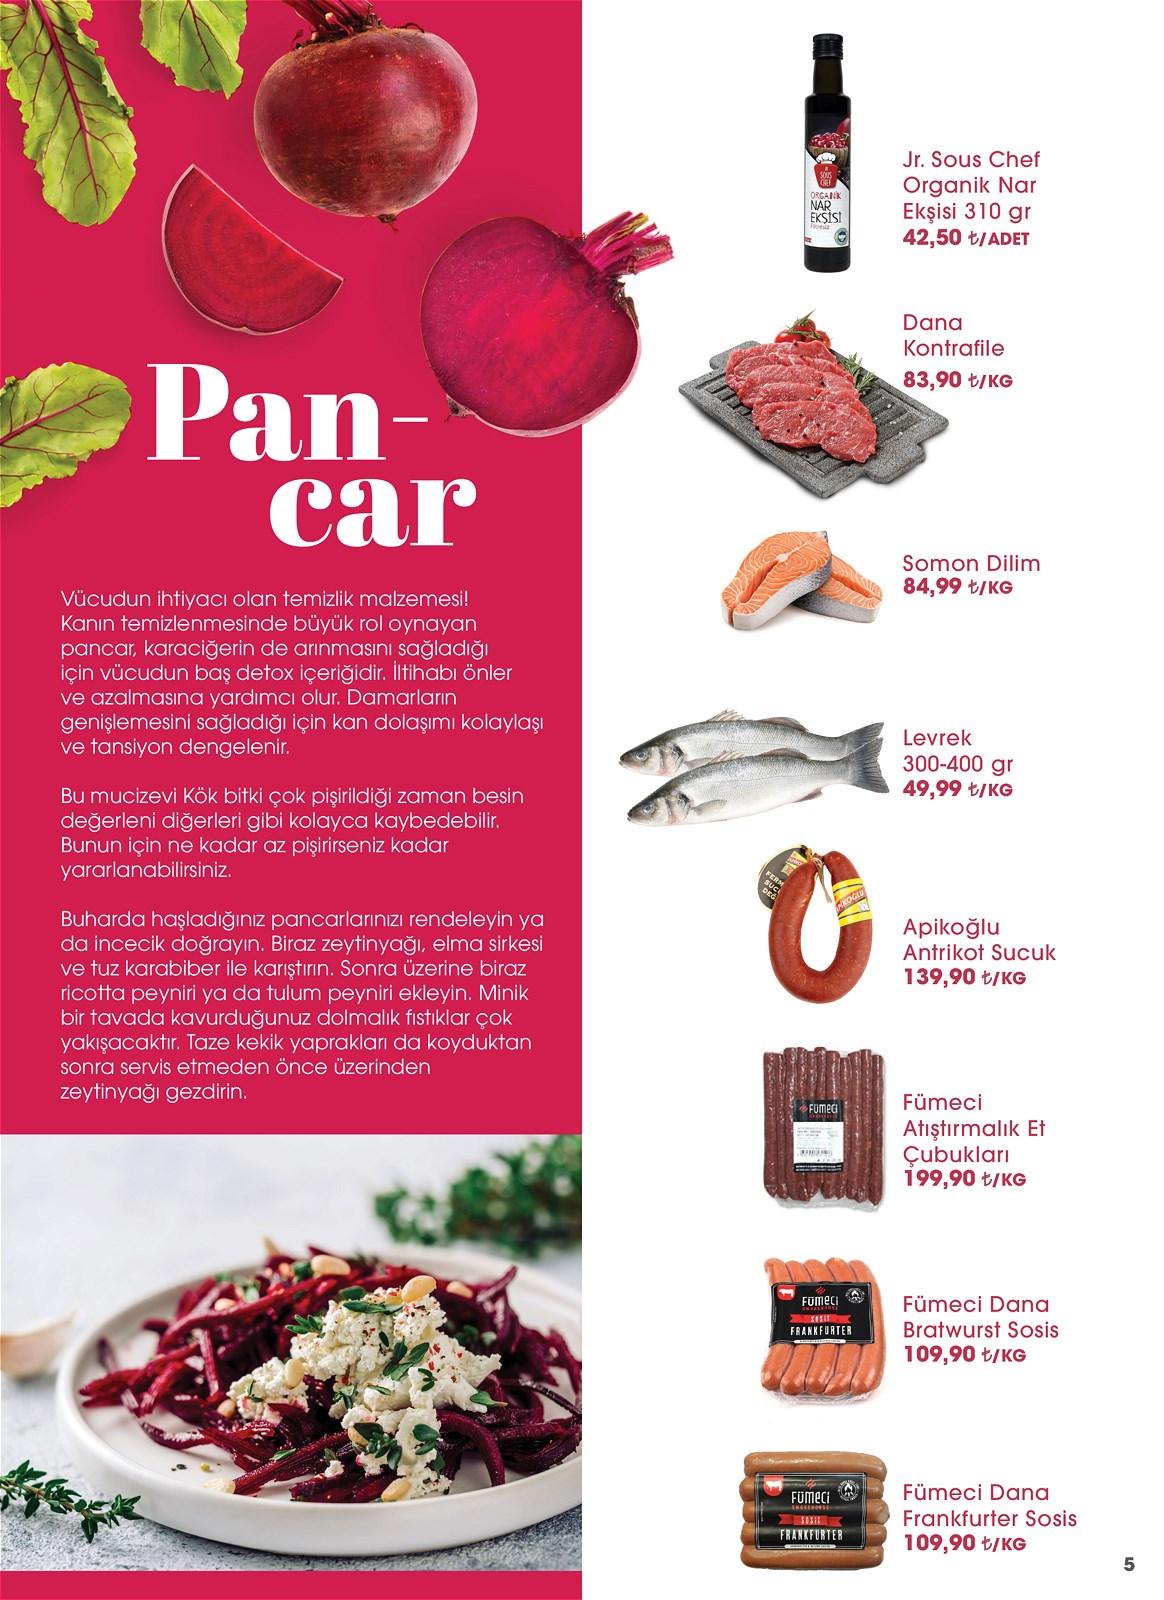 01.01.2021 CarrefourSA broşürü 5. sayfa